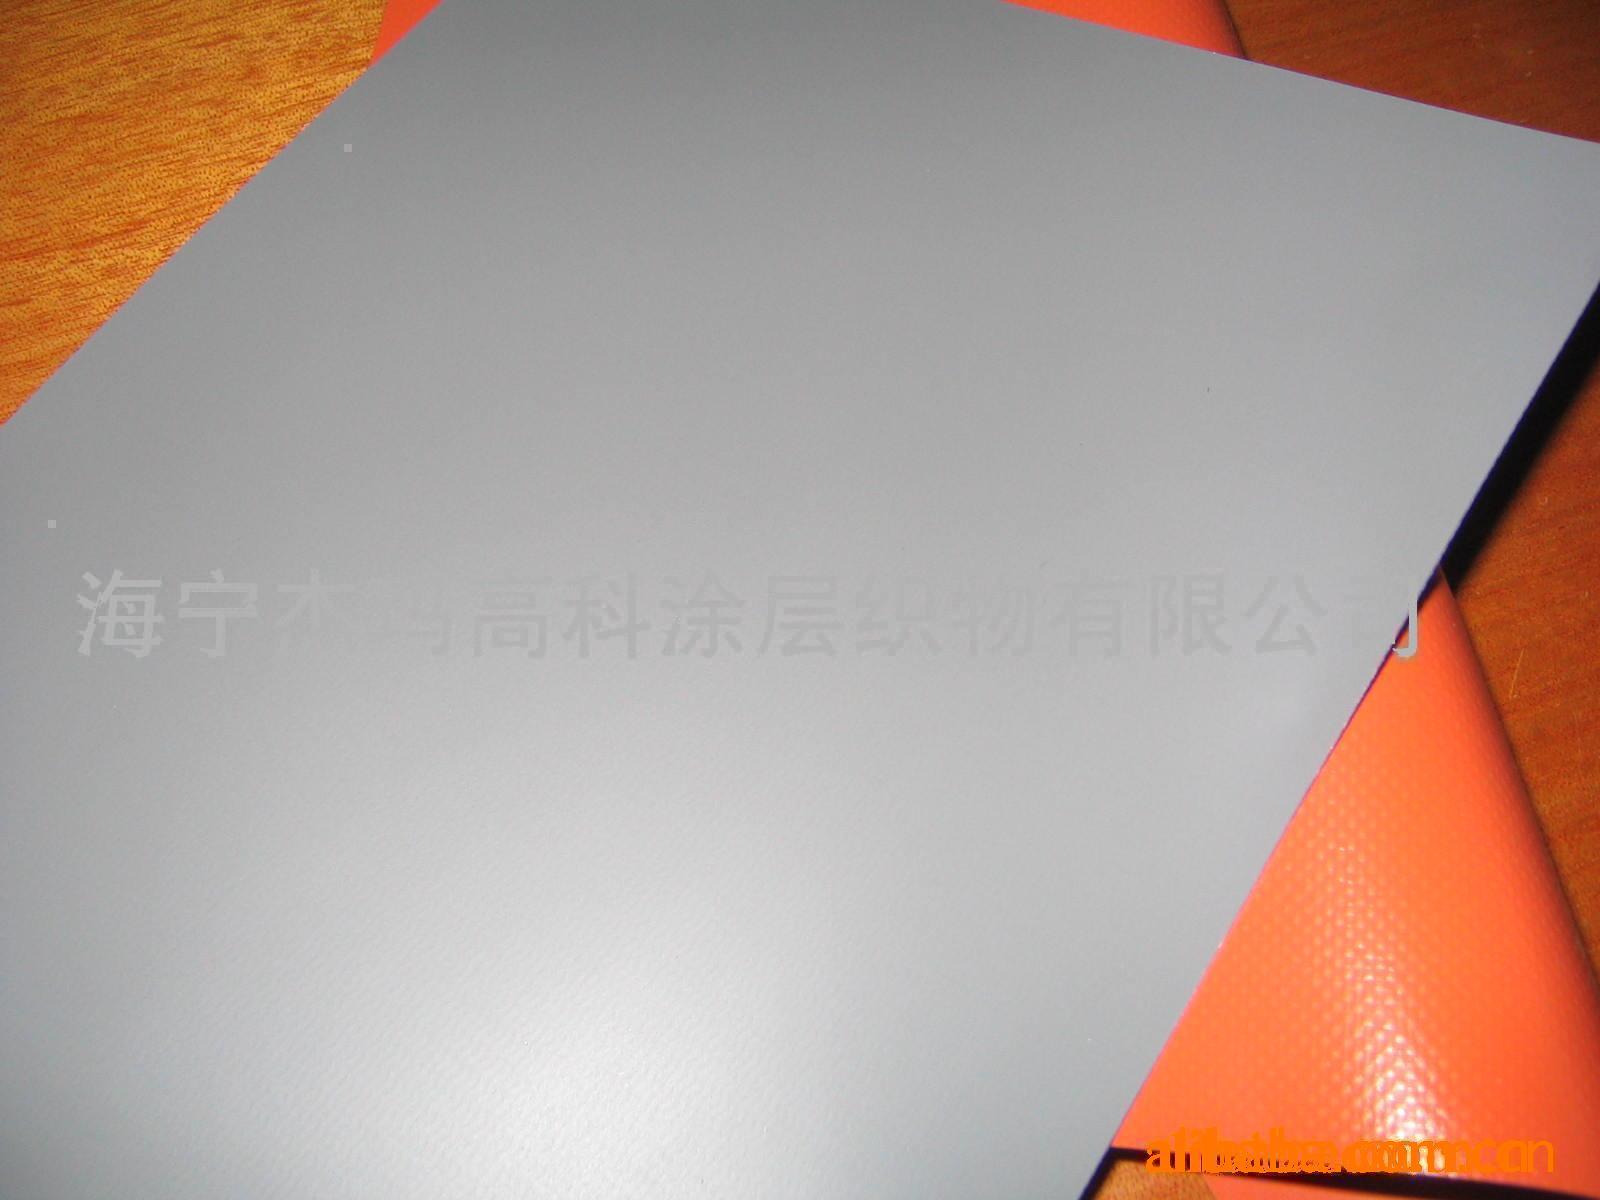 供应PVC刀刮工艺夹网布(图)